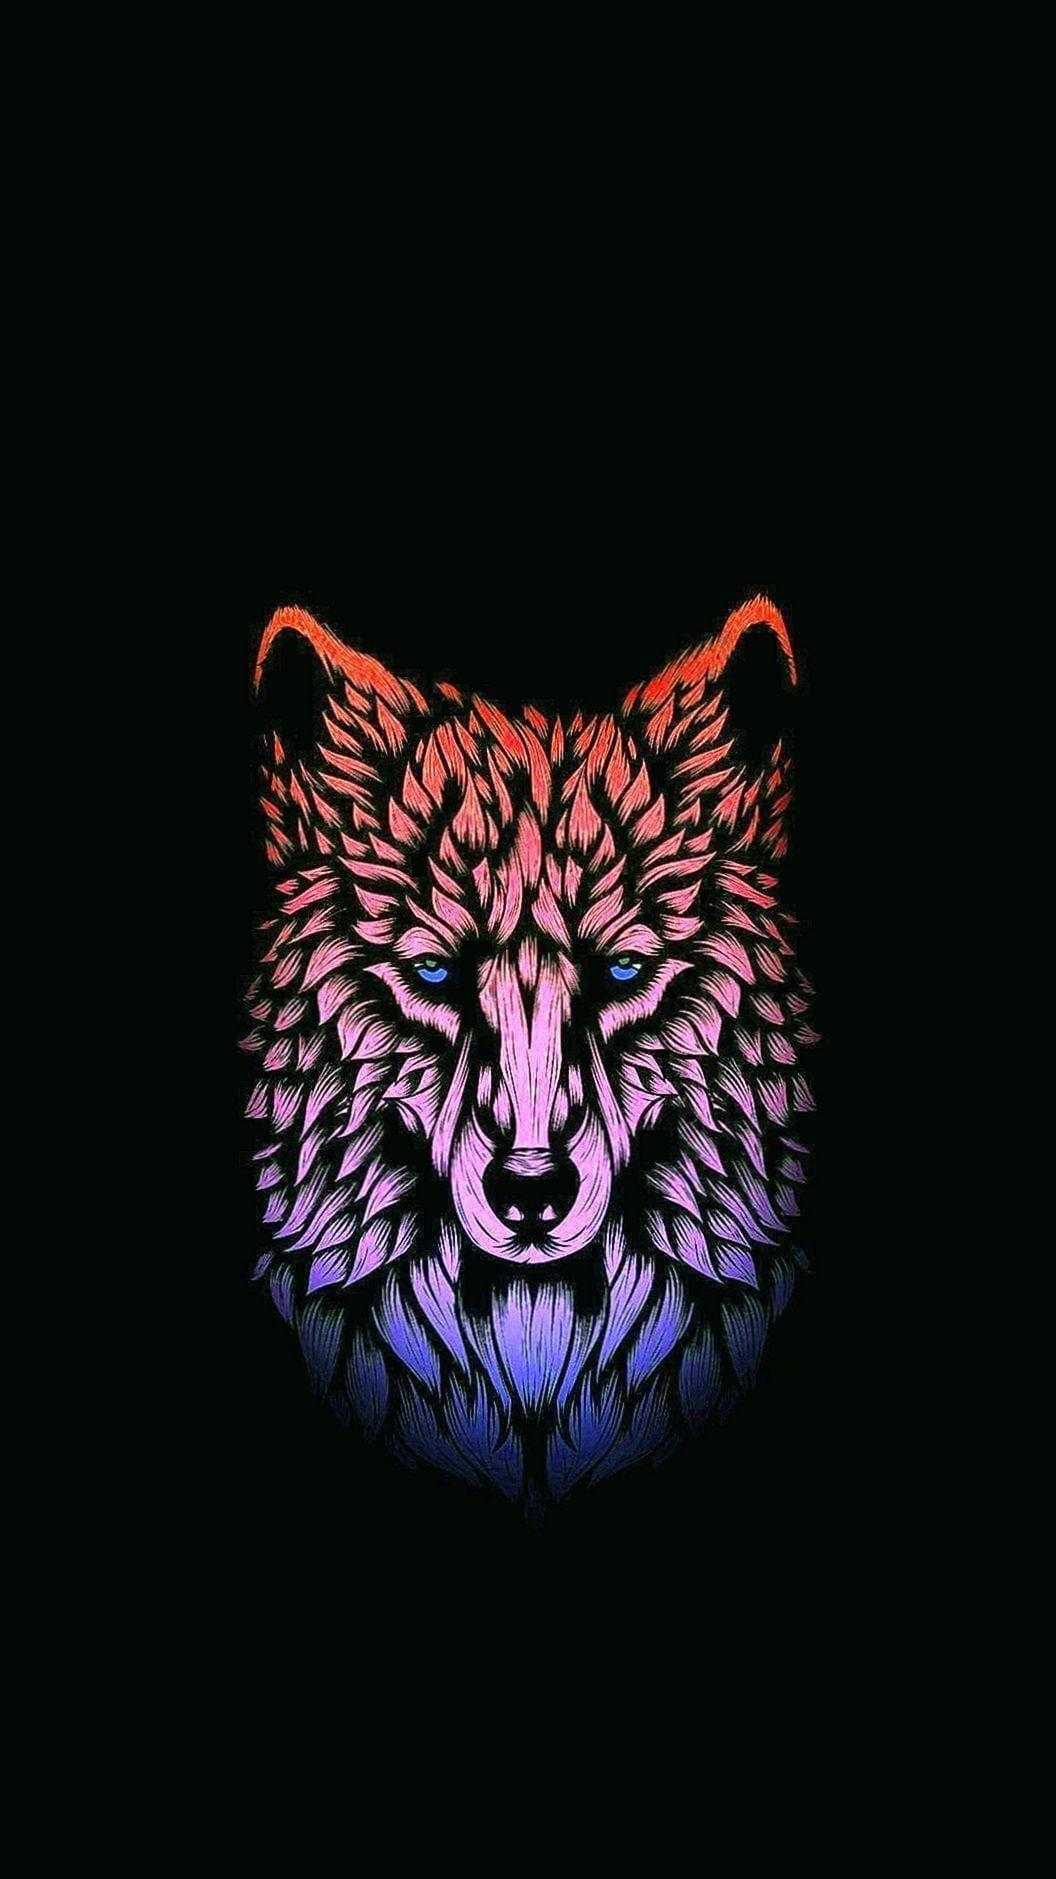 1080x1920 Wolf Moon Lie Predator 75803 750x1334 Wolf Iphone Wallpaper A Gray Wolf Iphone 7 Wall Iphone Wallpaper Wolf Wolf Wallpaper Wild Animal Wallpaper